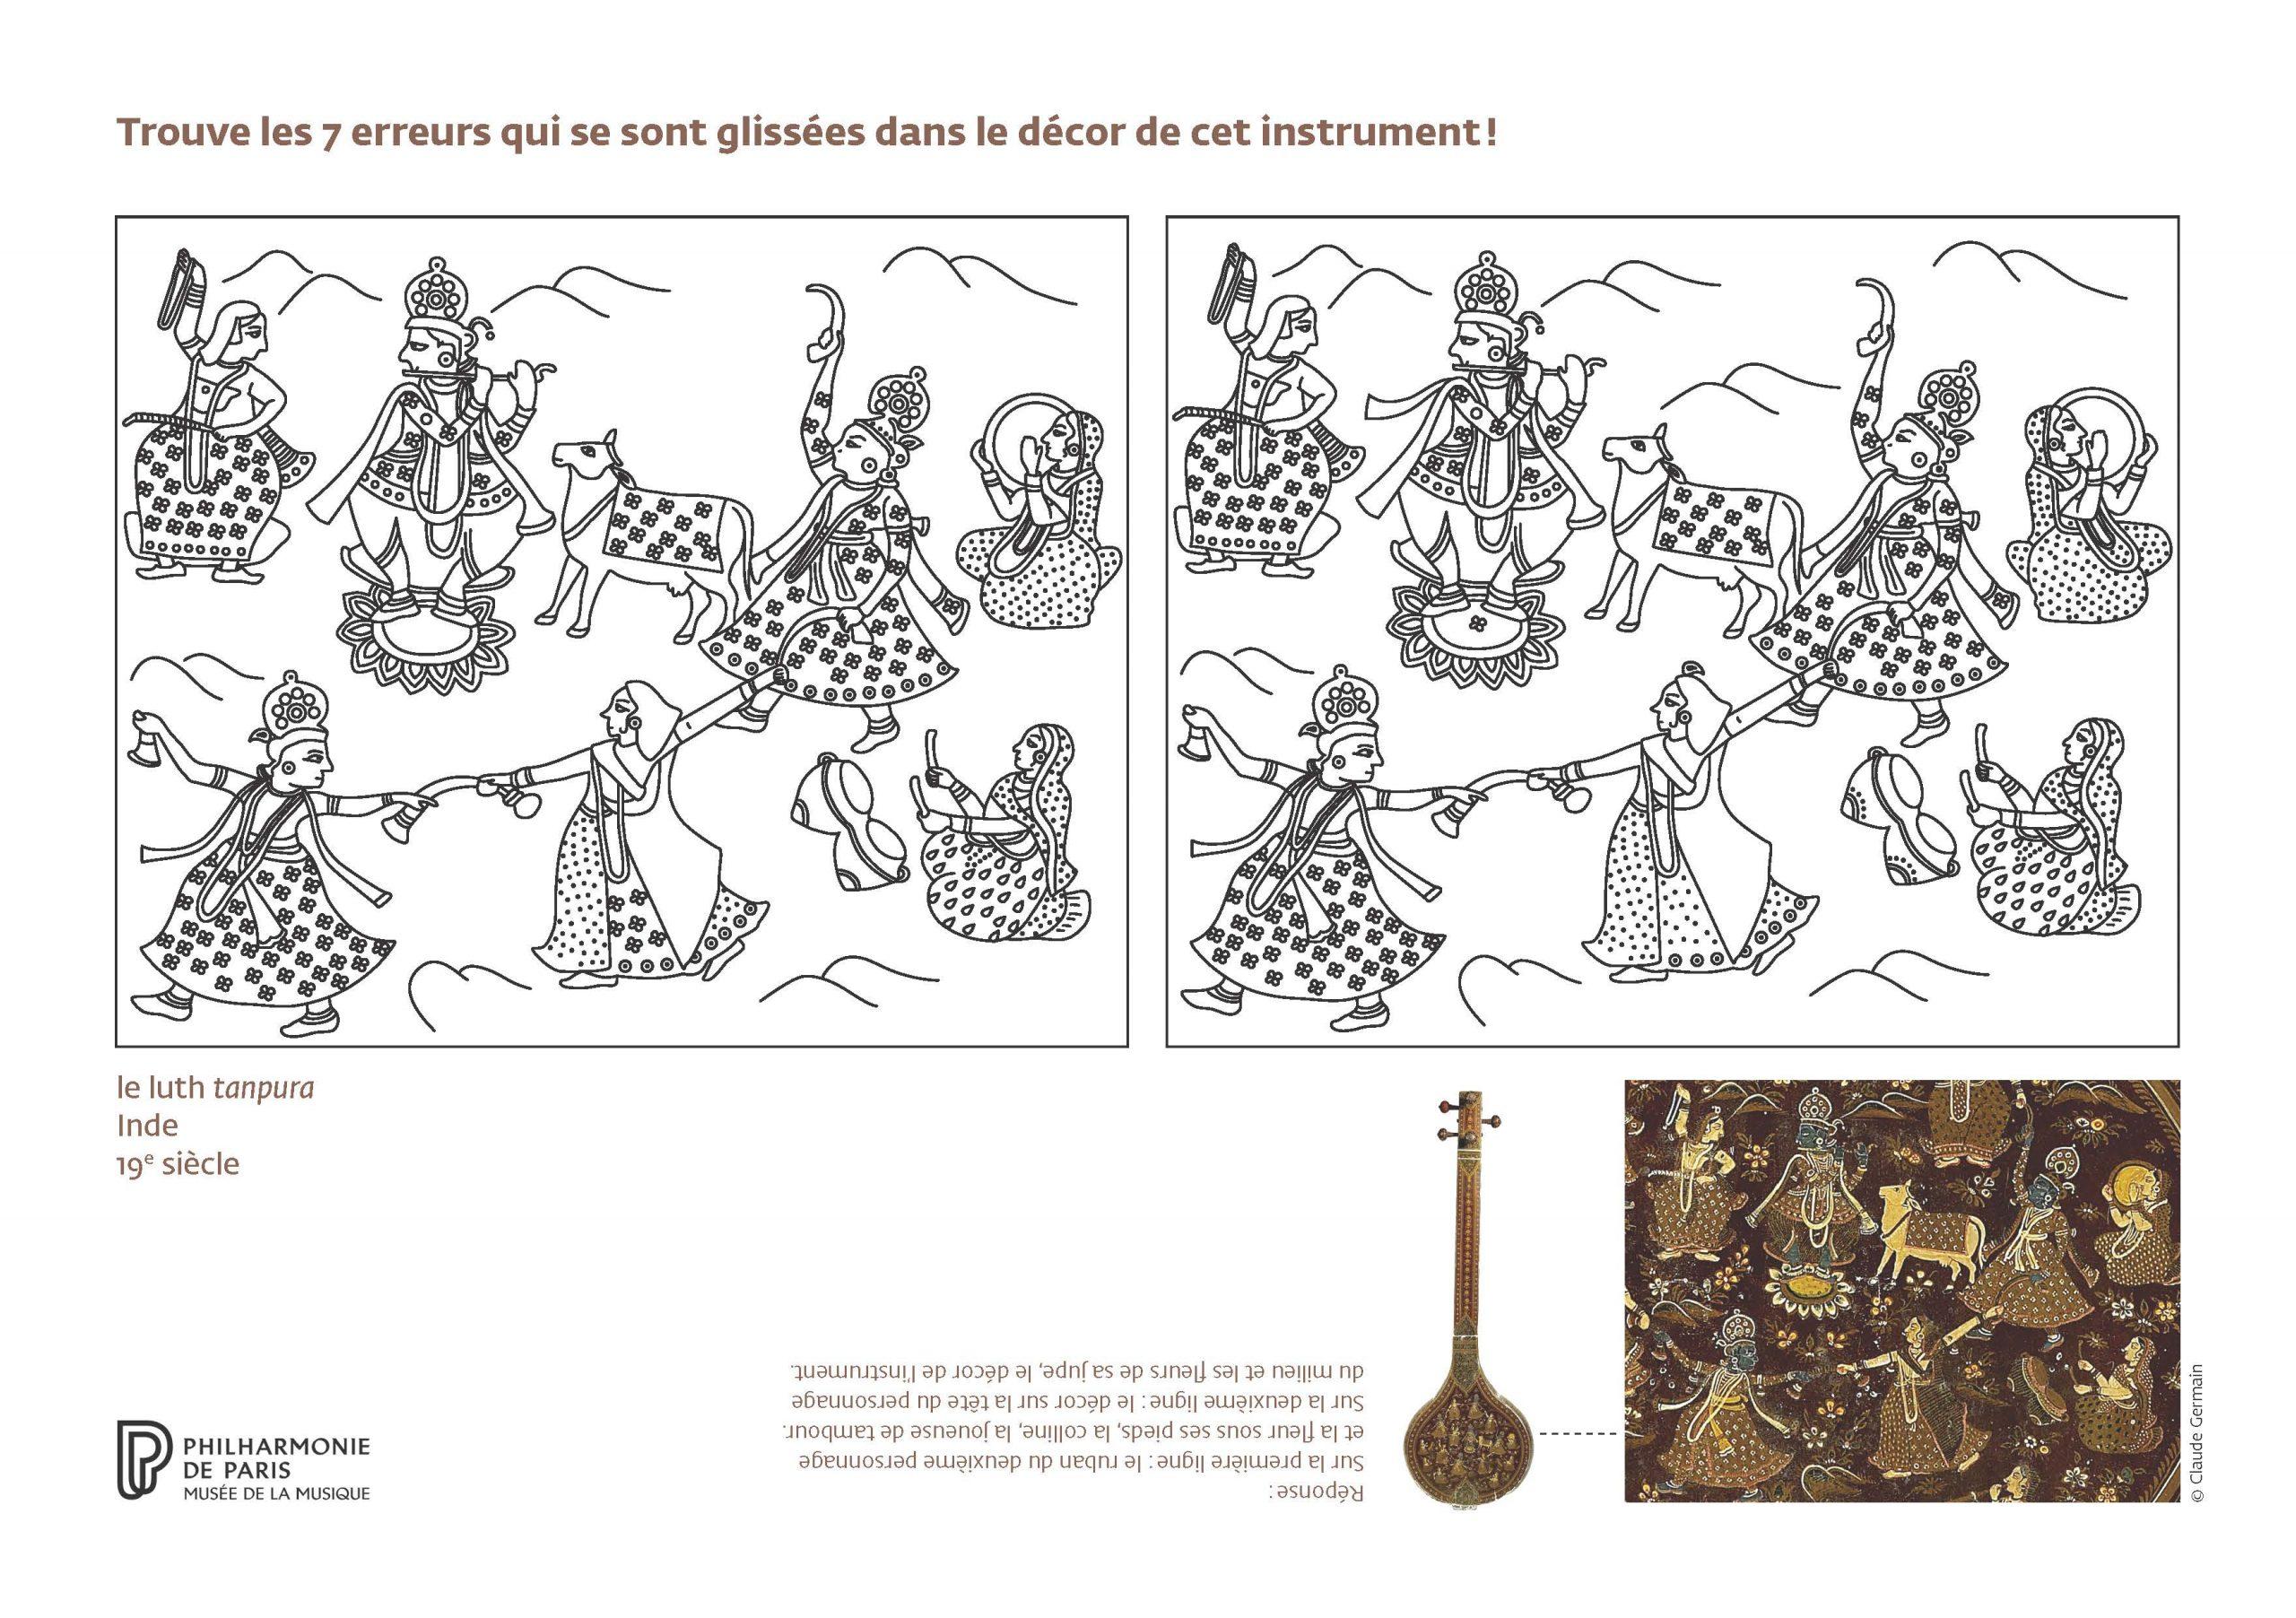 Jouez Avec Les Instruments Du Musée ! | Philharmonie De Paris encequiconcerne Jeu Des 7 Différences À Imprimer